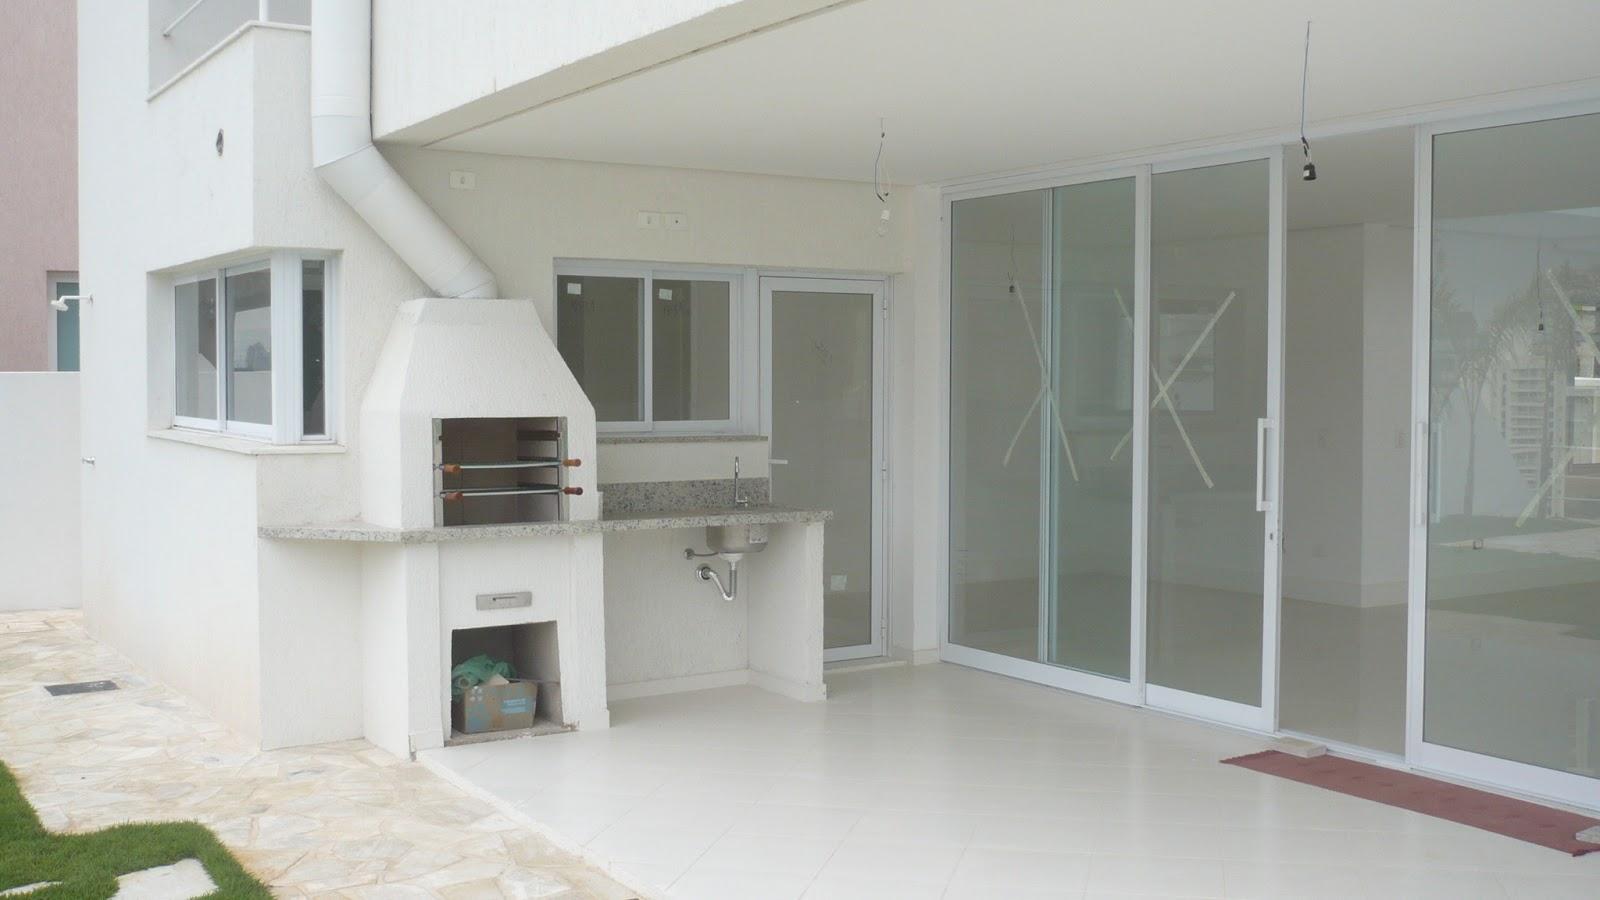 Casa nova à venda em Alphaville / Alphasítio: Casa Nova em  #50603B 1600 900